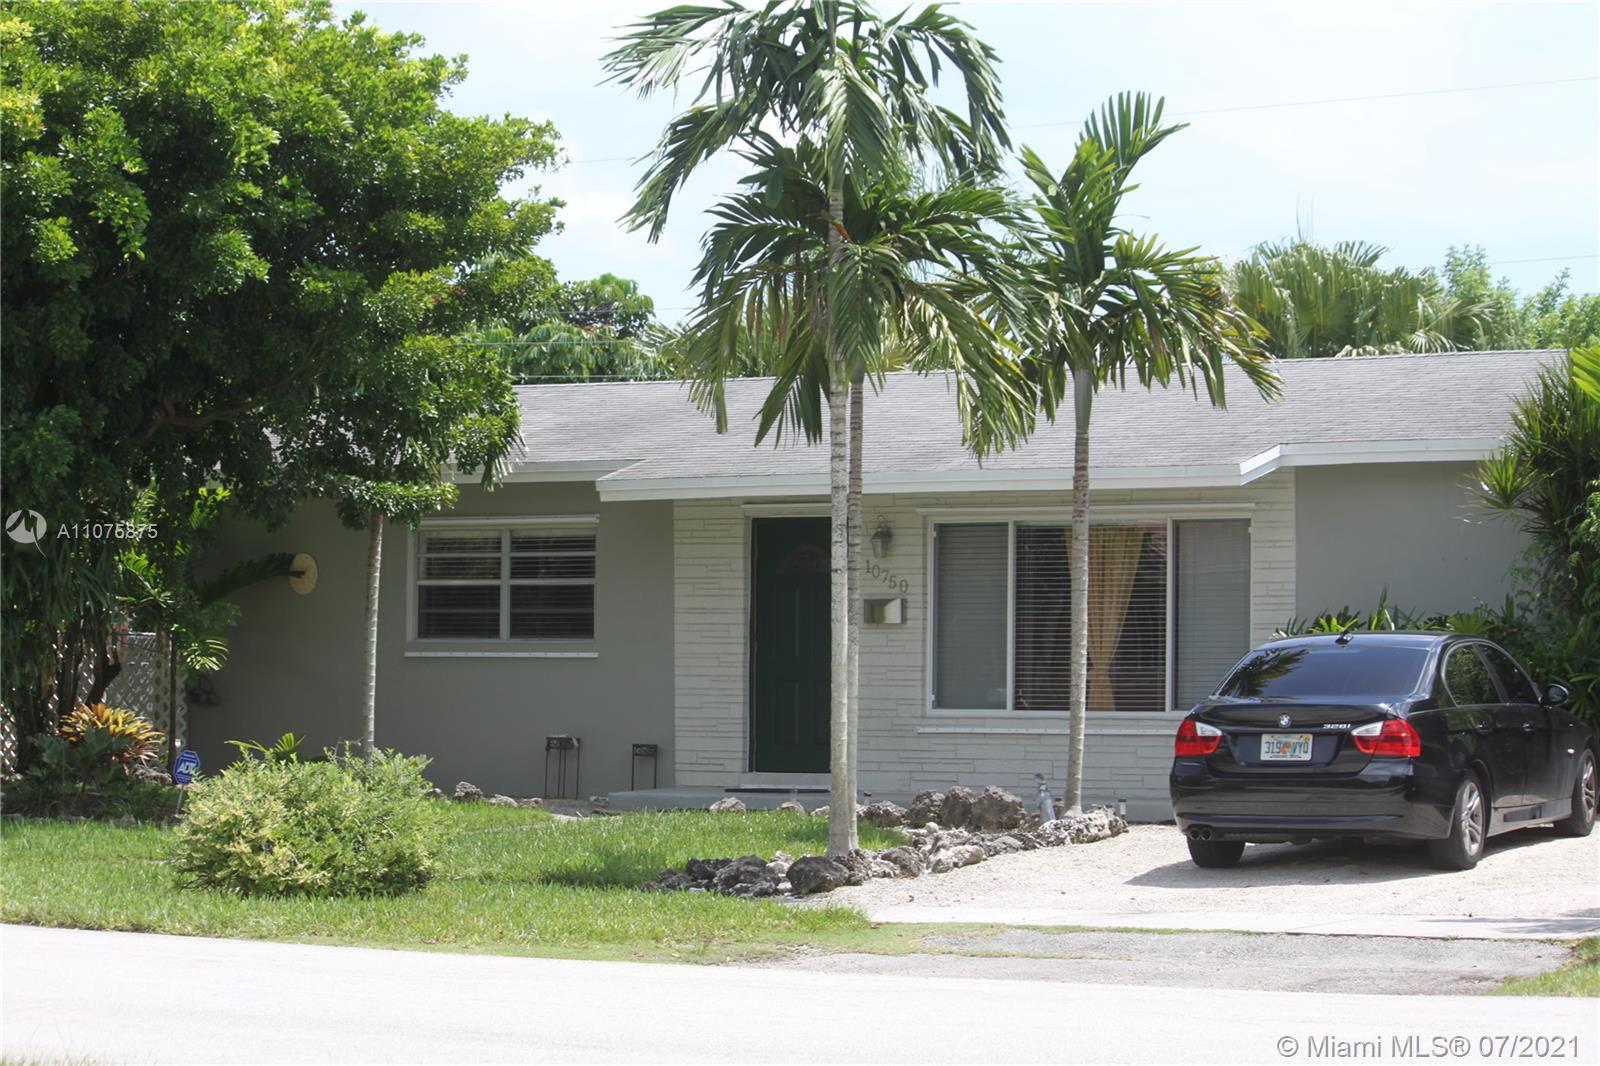 Snapper Creek - 10750 SW 61st St, Miami, FL 33173